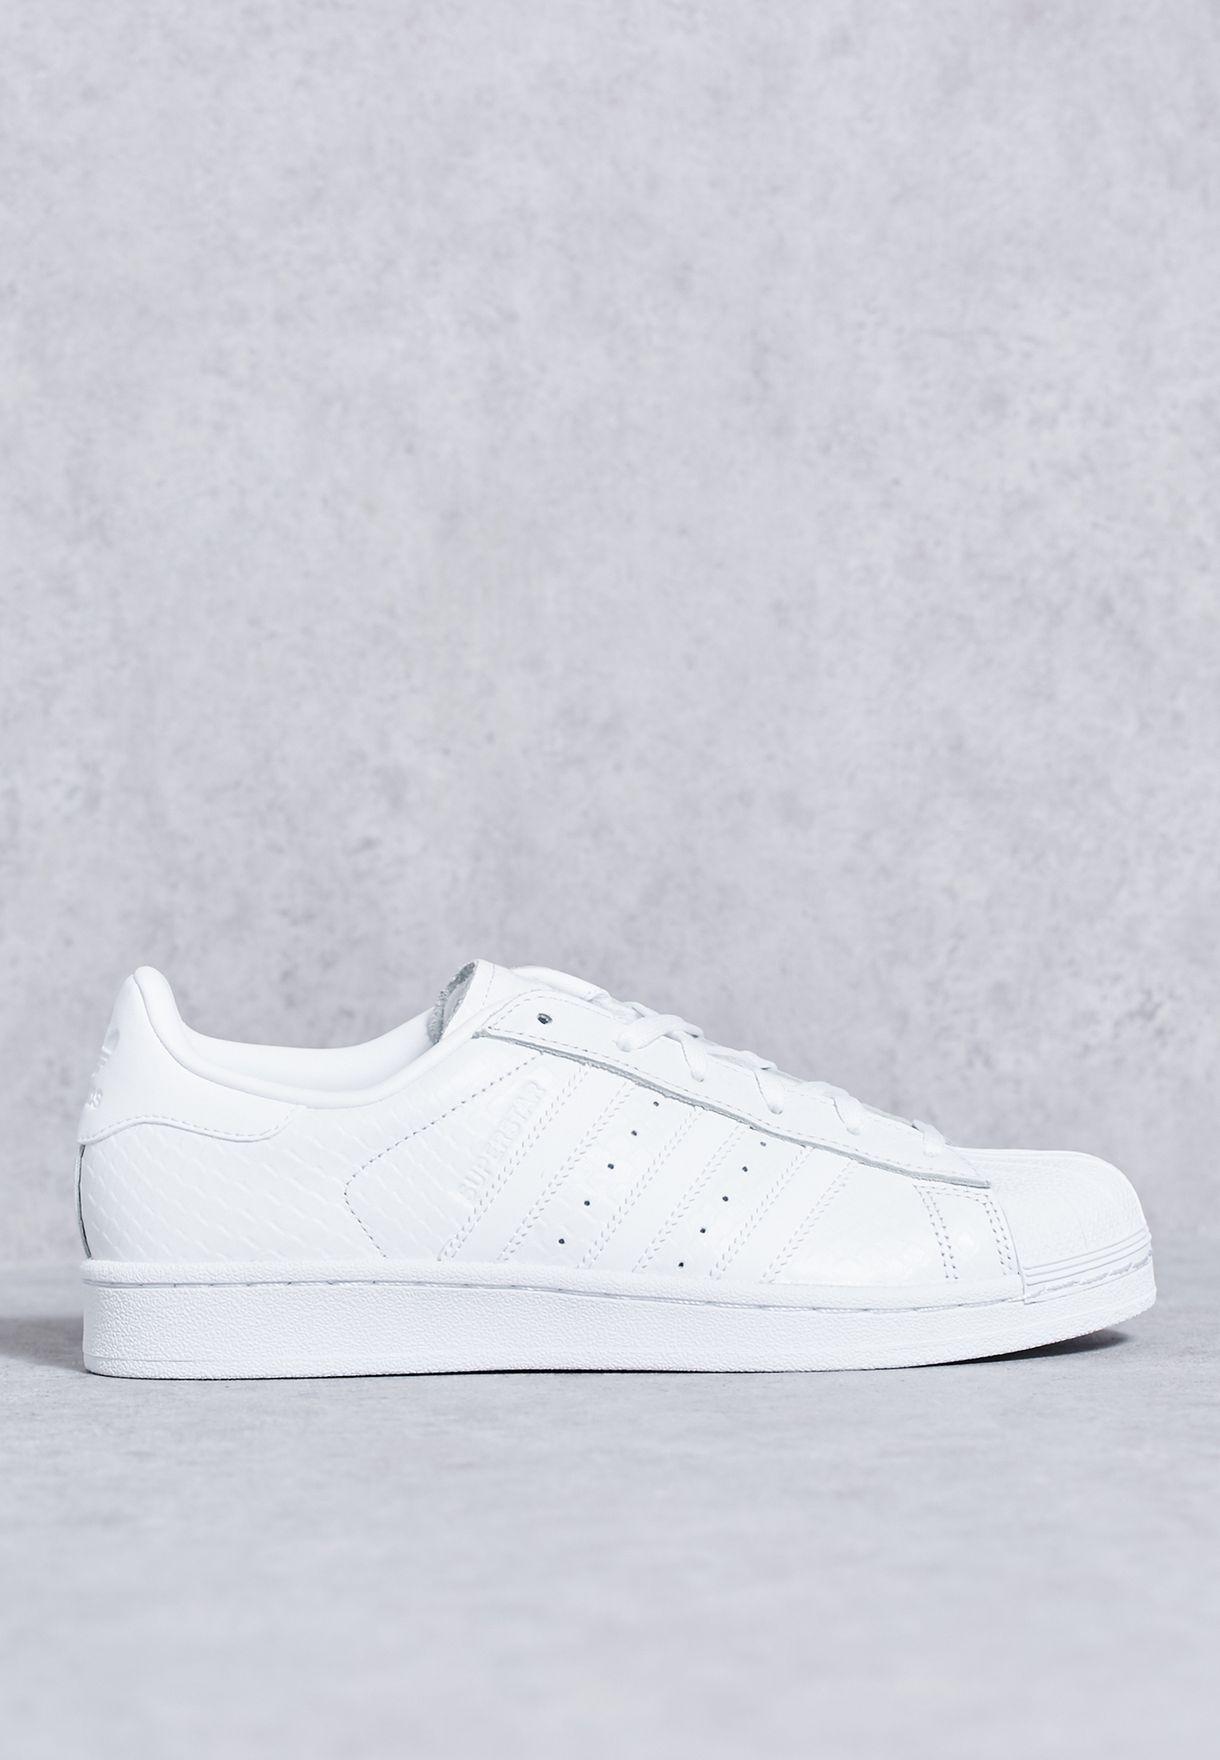 a53c169bd تسوق حذاء سوبر ستار ماركة اديداس اورجينال لون أبيض في السعودية ...